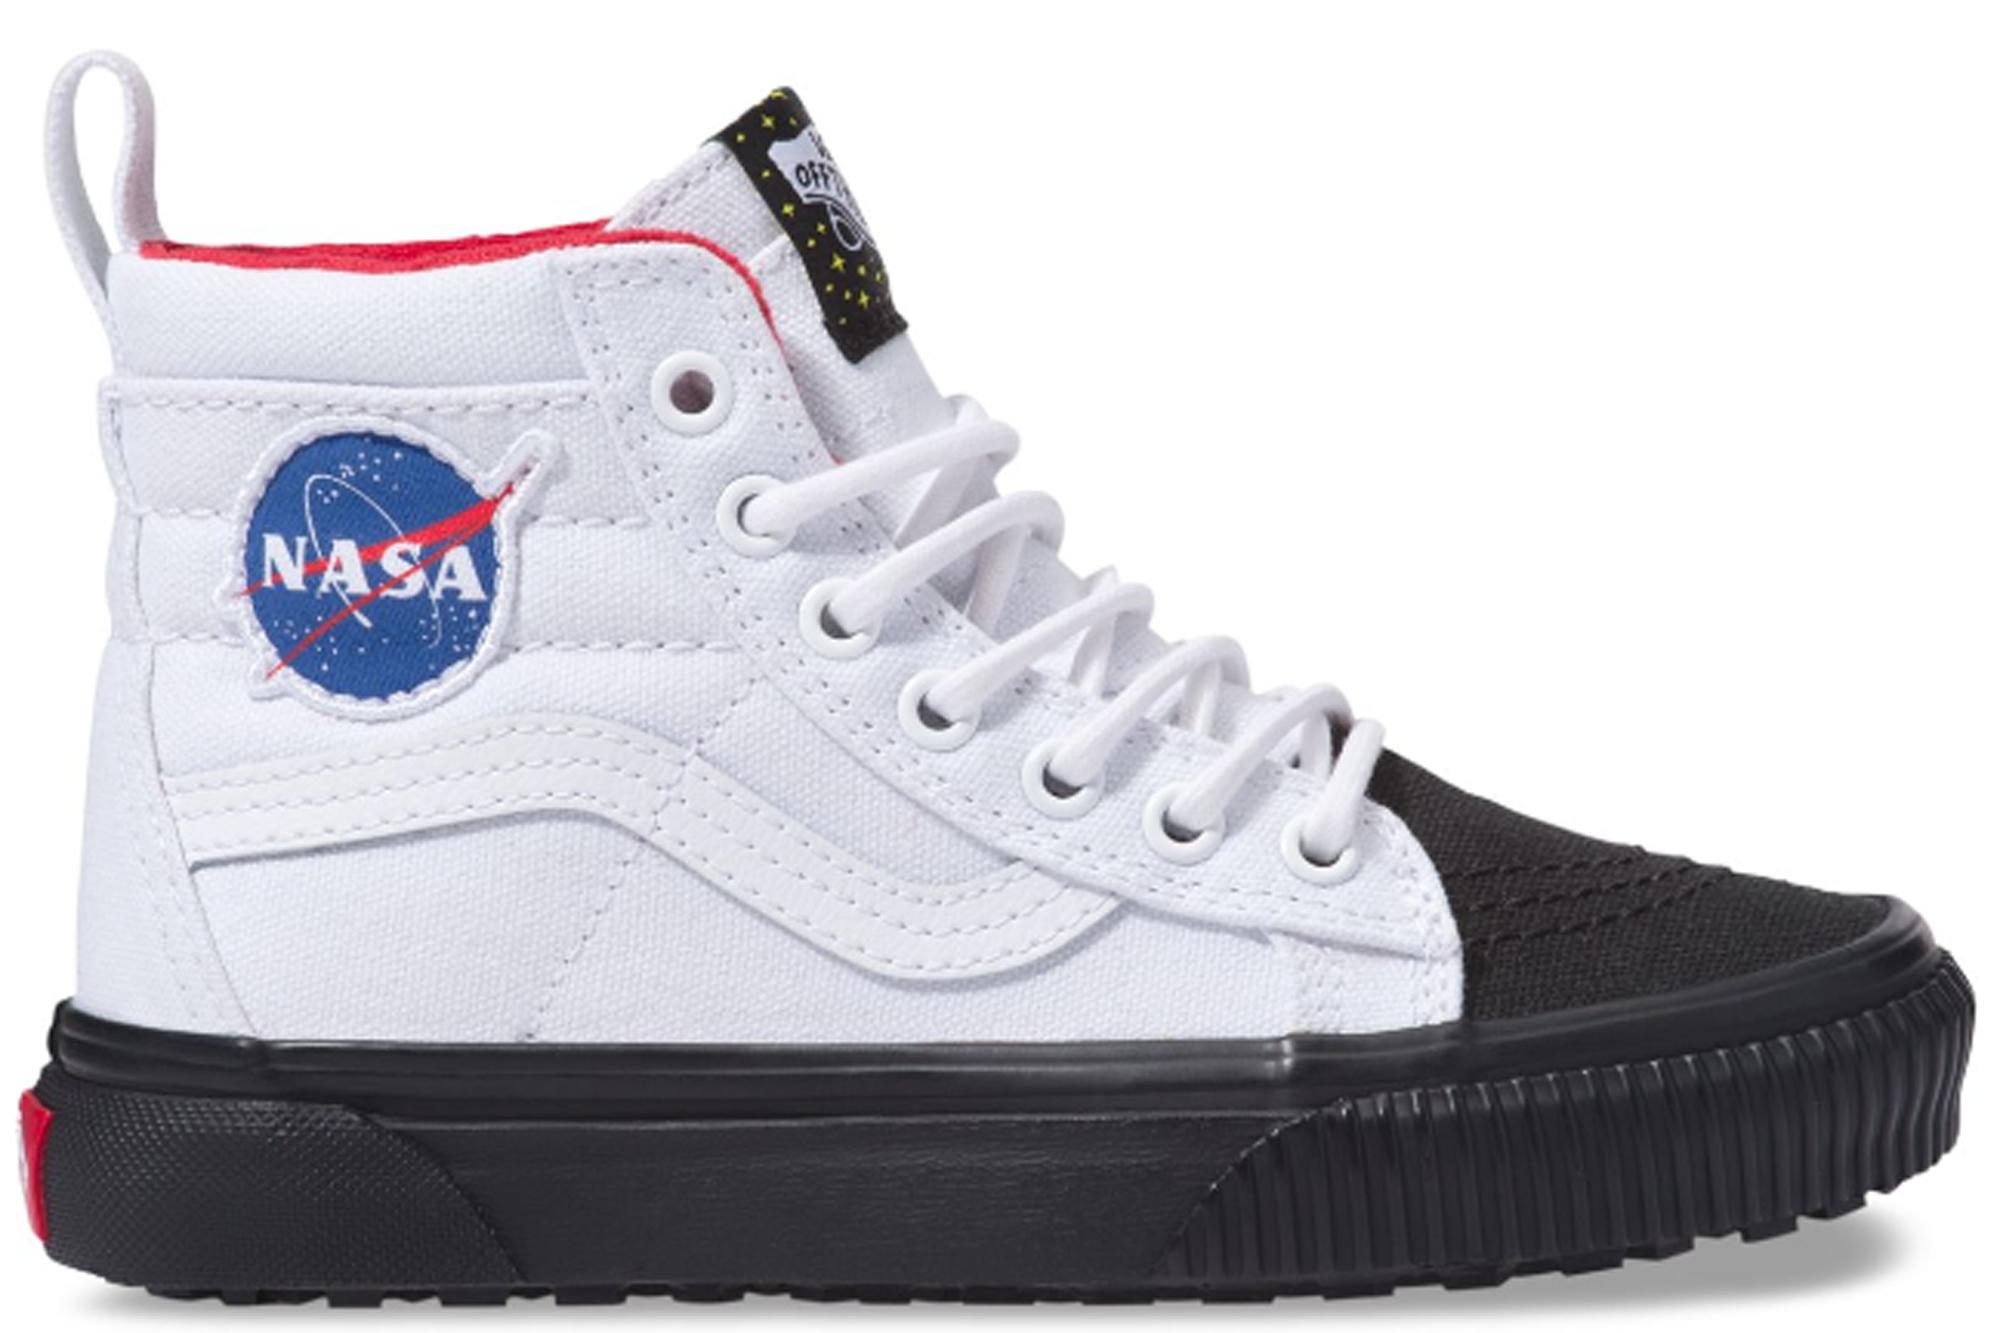 e3d11614dc Vans Sk8-Hi MTE NASA Space Voyager True White (PS) - VN0A2XSNUT0